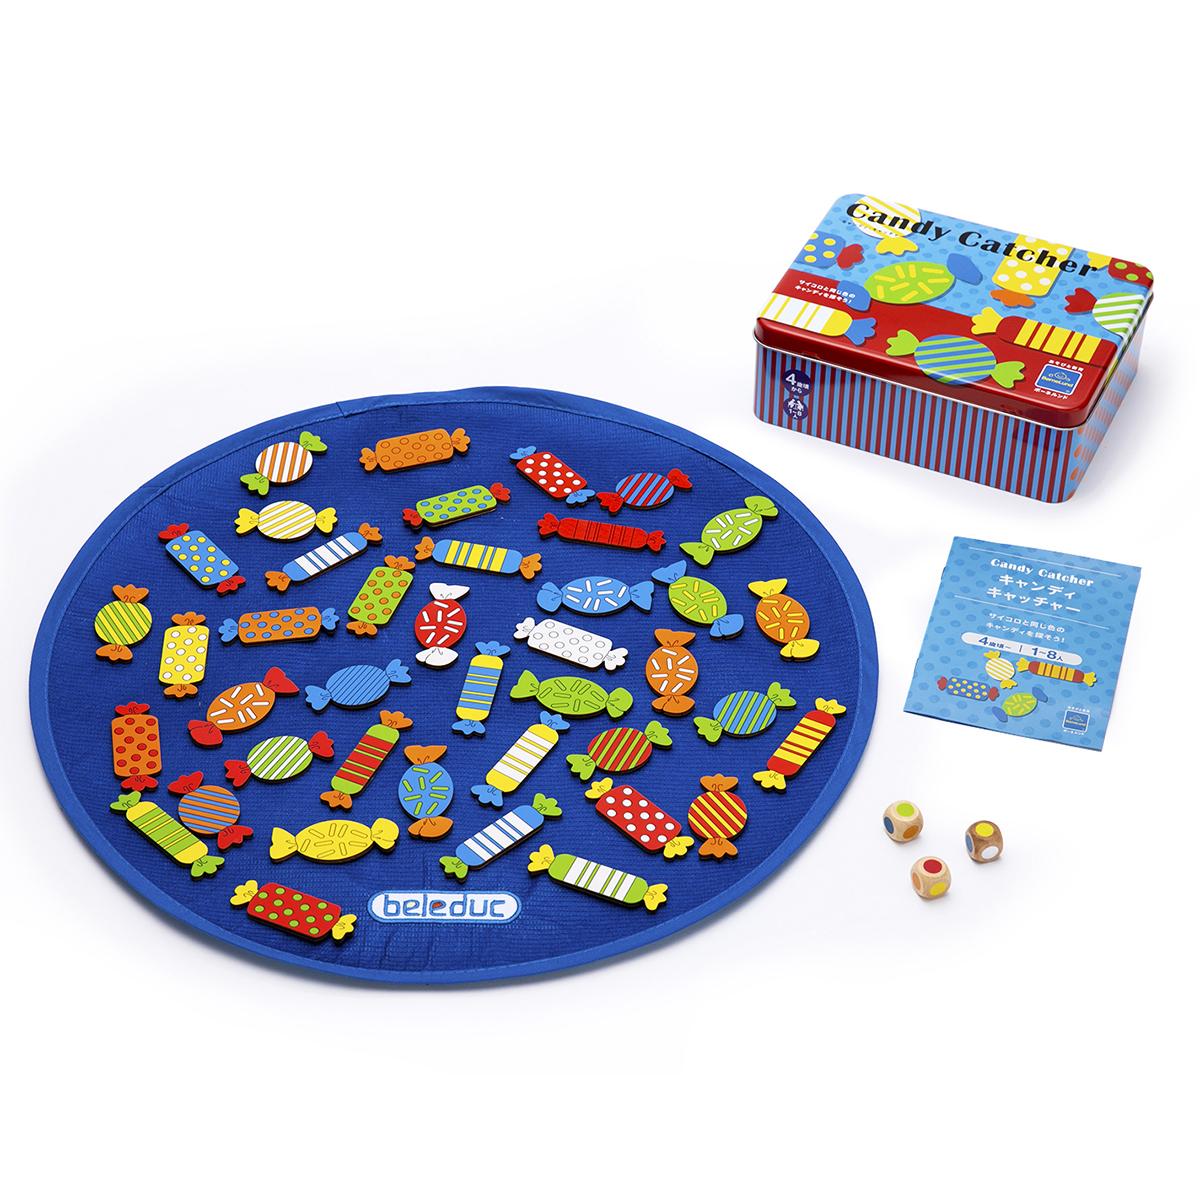 知育玩具 ゲーム ボーネルンド 最新アイテム キャッチャー キャンディー 売り出し